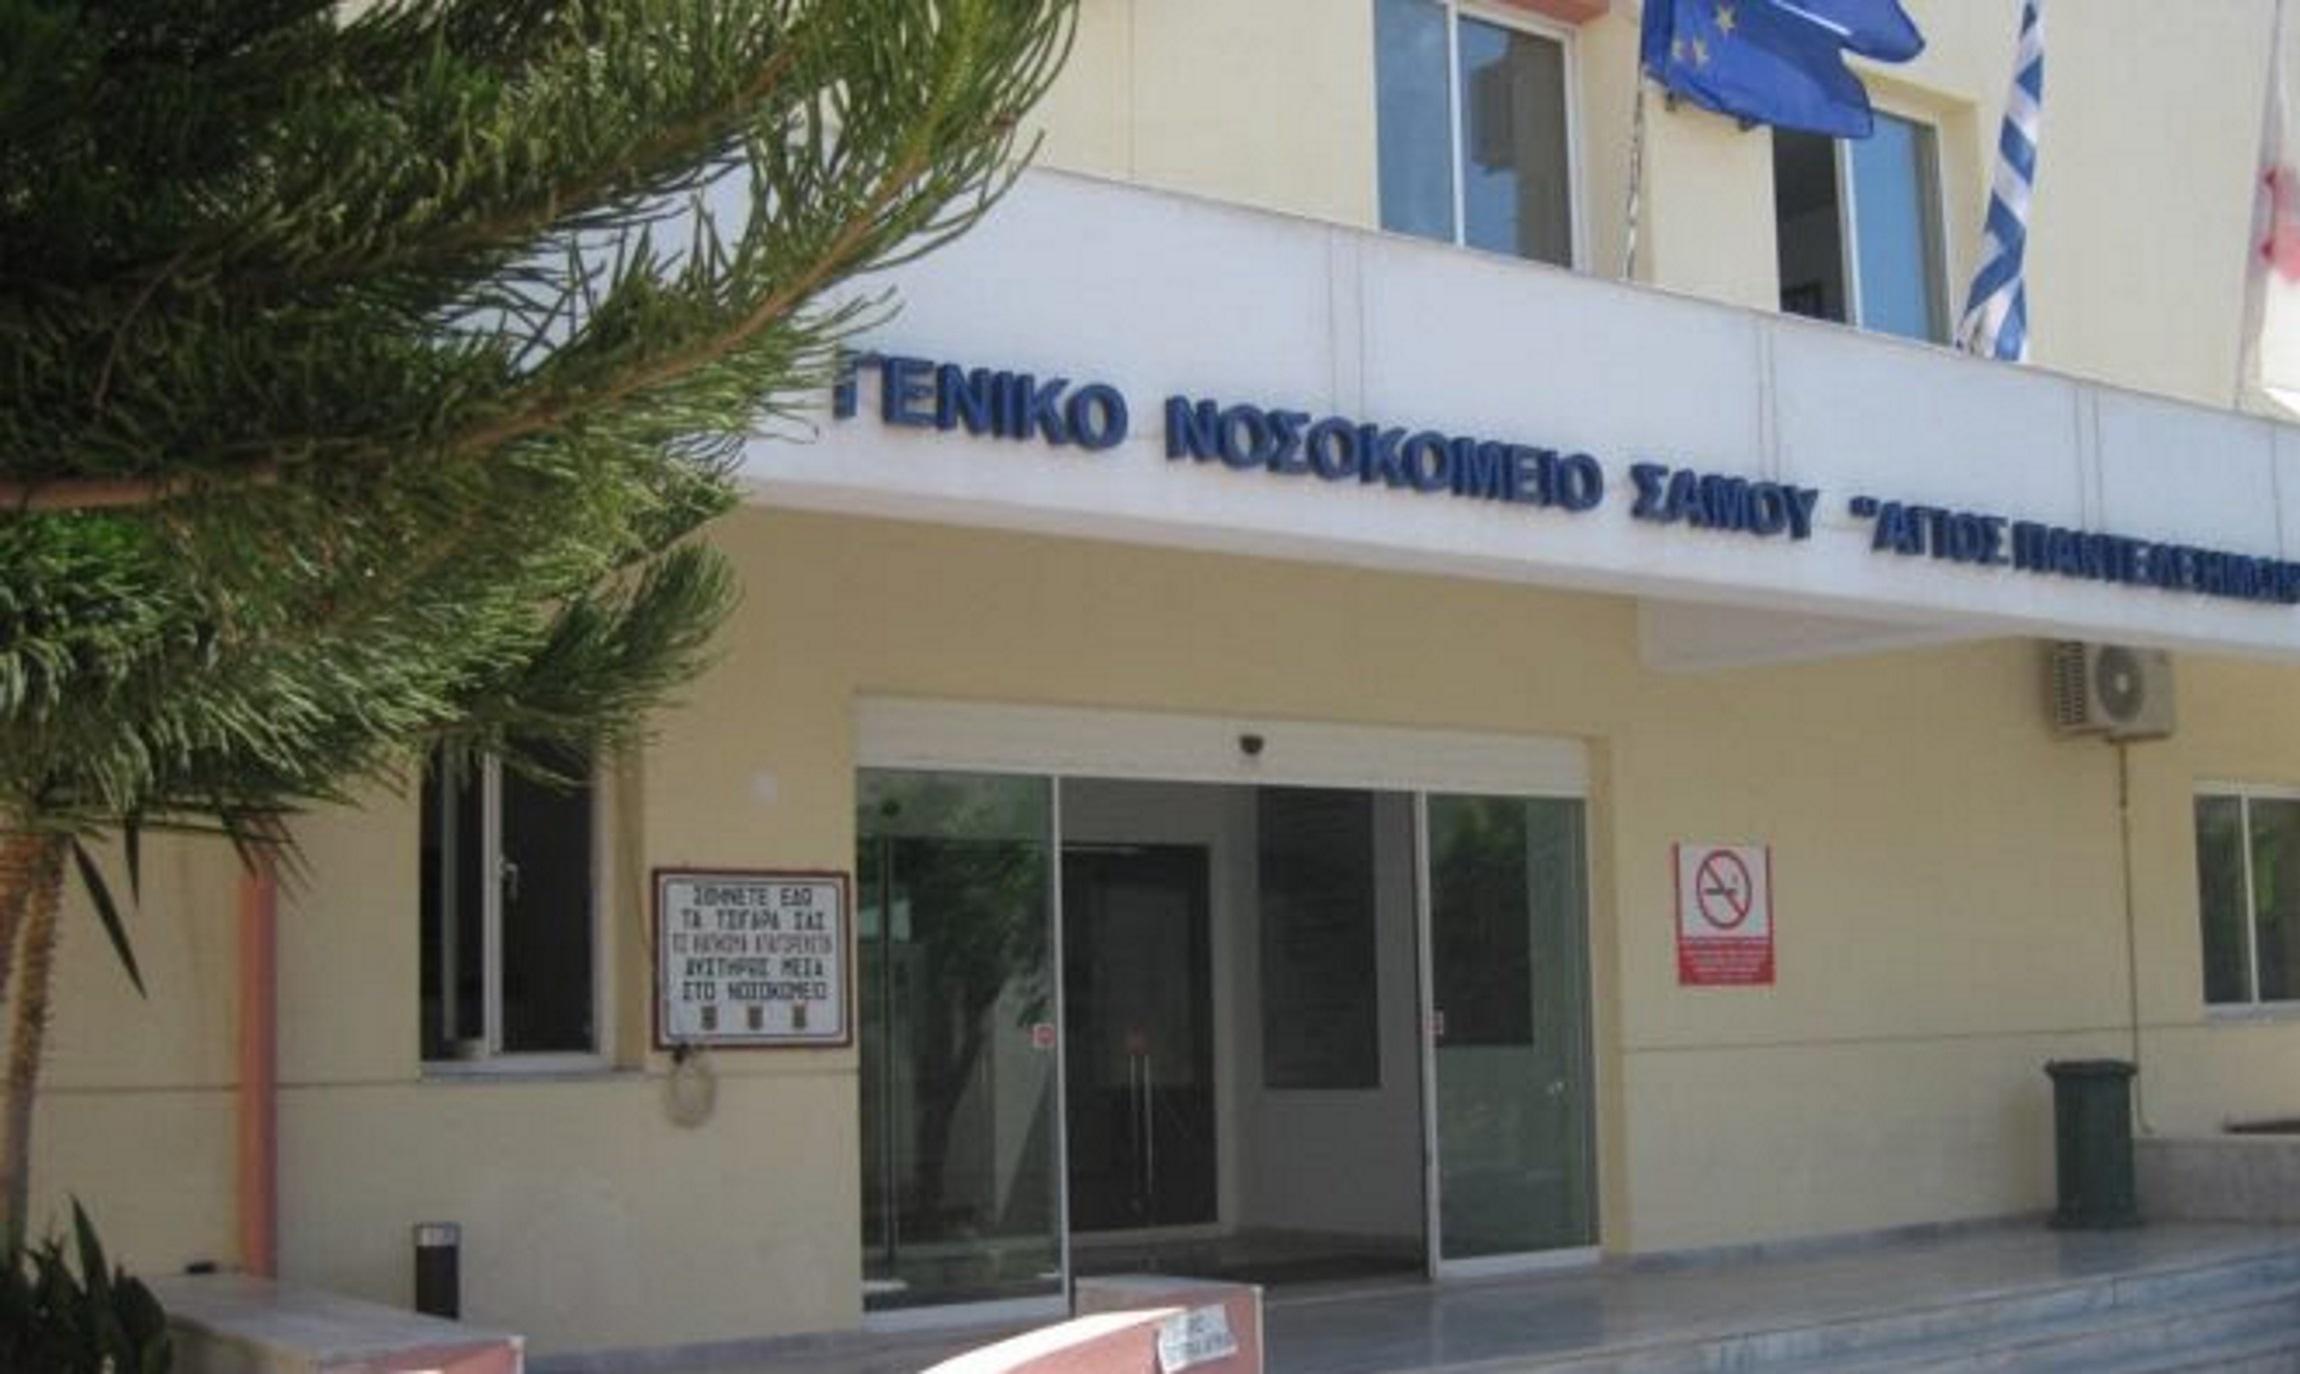 Σεισμός στην Σάμο: Δύο οι τραυματίες που μεταφέρονται με αεροδιακομιδή στην Αθήνα